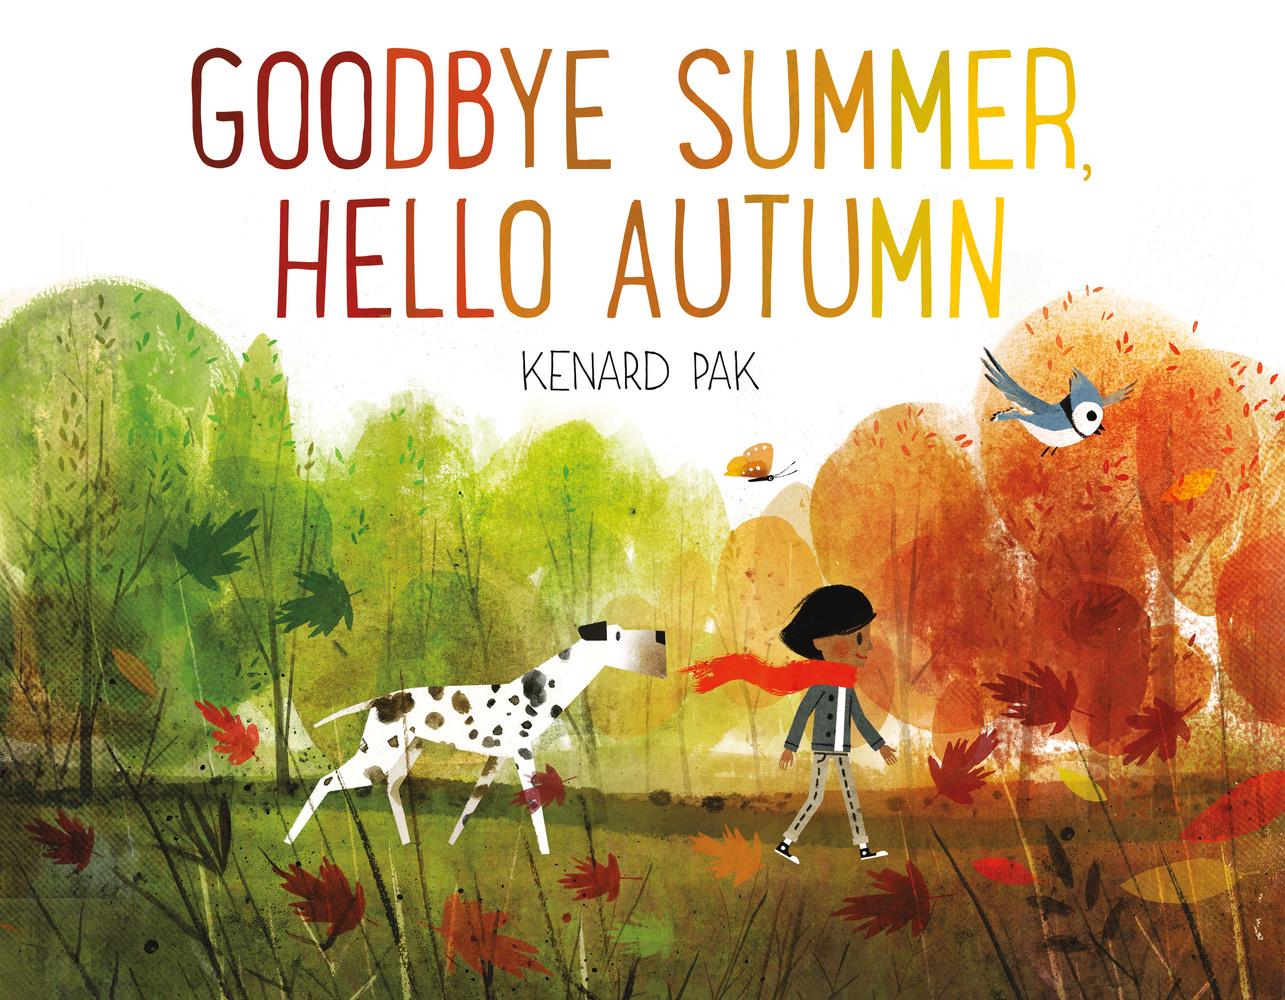 Goodbye Summer, Hello Autumn  Kenard Pak  Macmillan